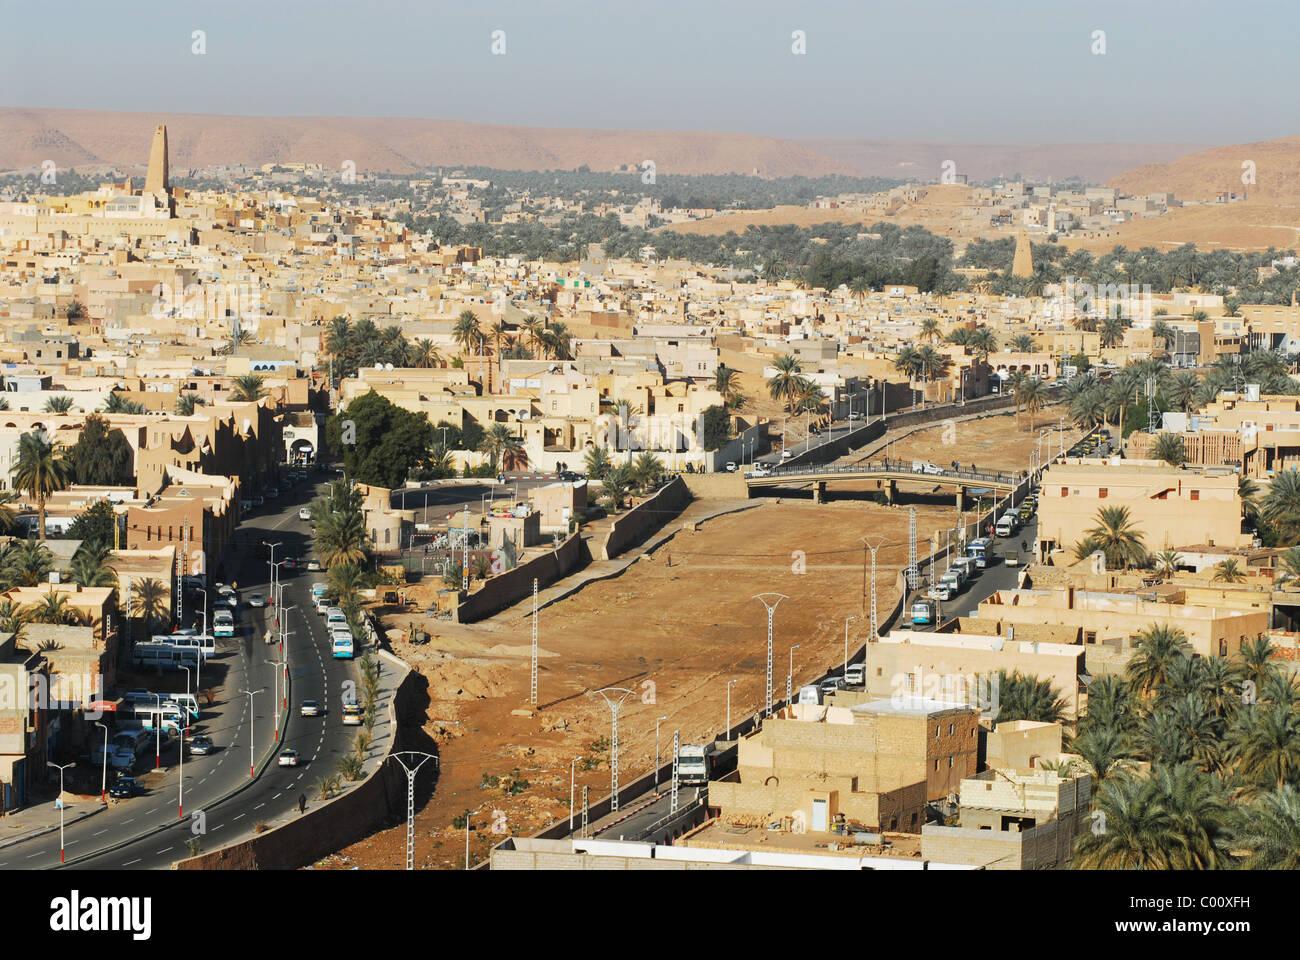 Ghardaia, Argelia, vista de la ciudad con los vehículos en carretera, vivienda de ladrillos de barro y alto minarete contra el cielo claro Foto de stock